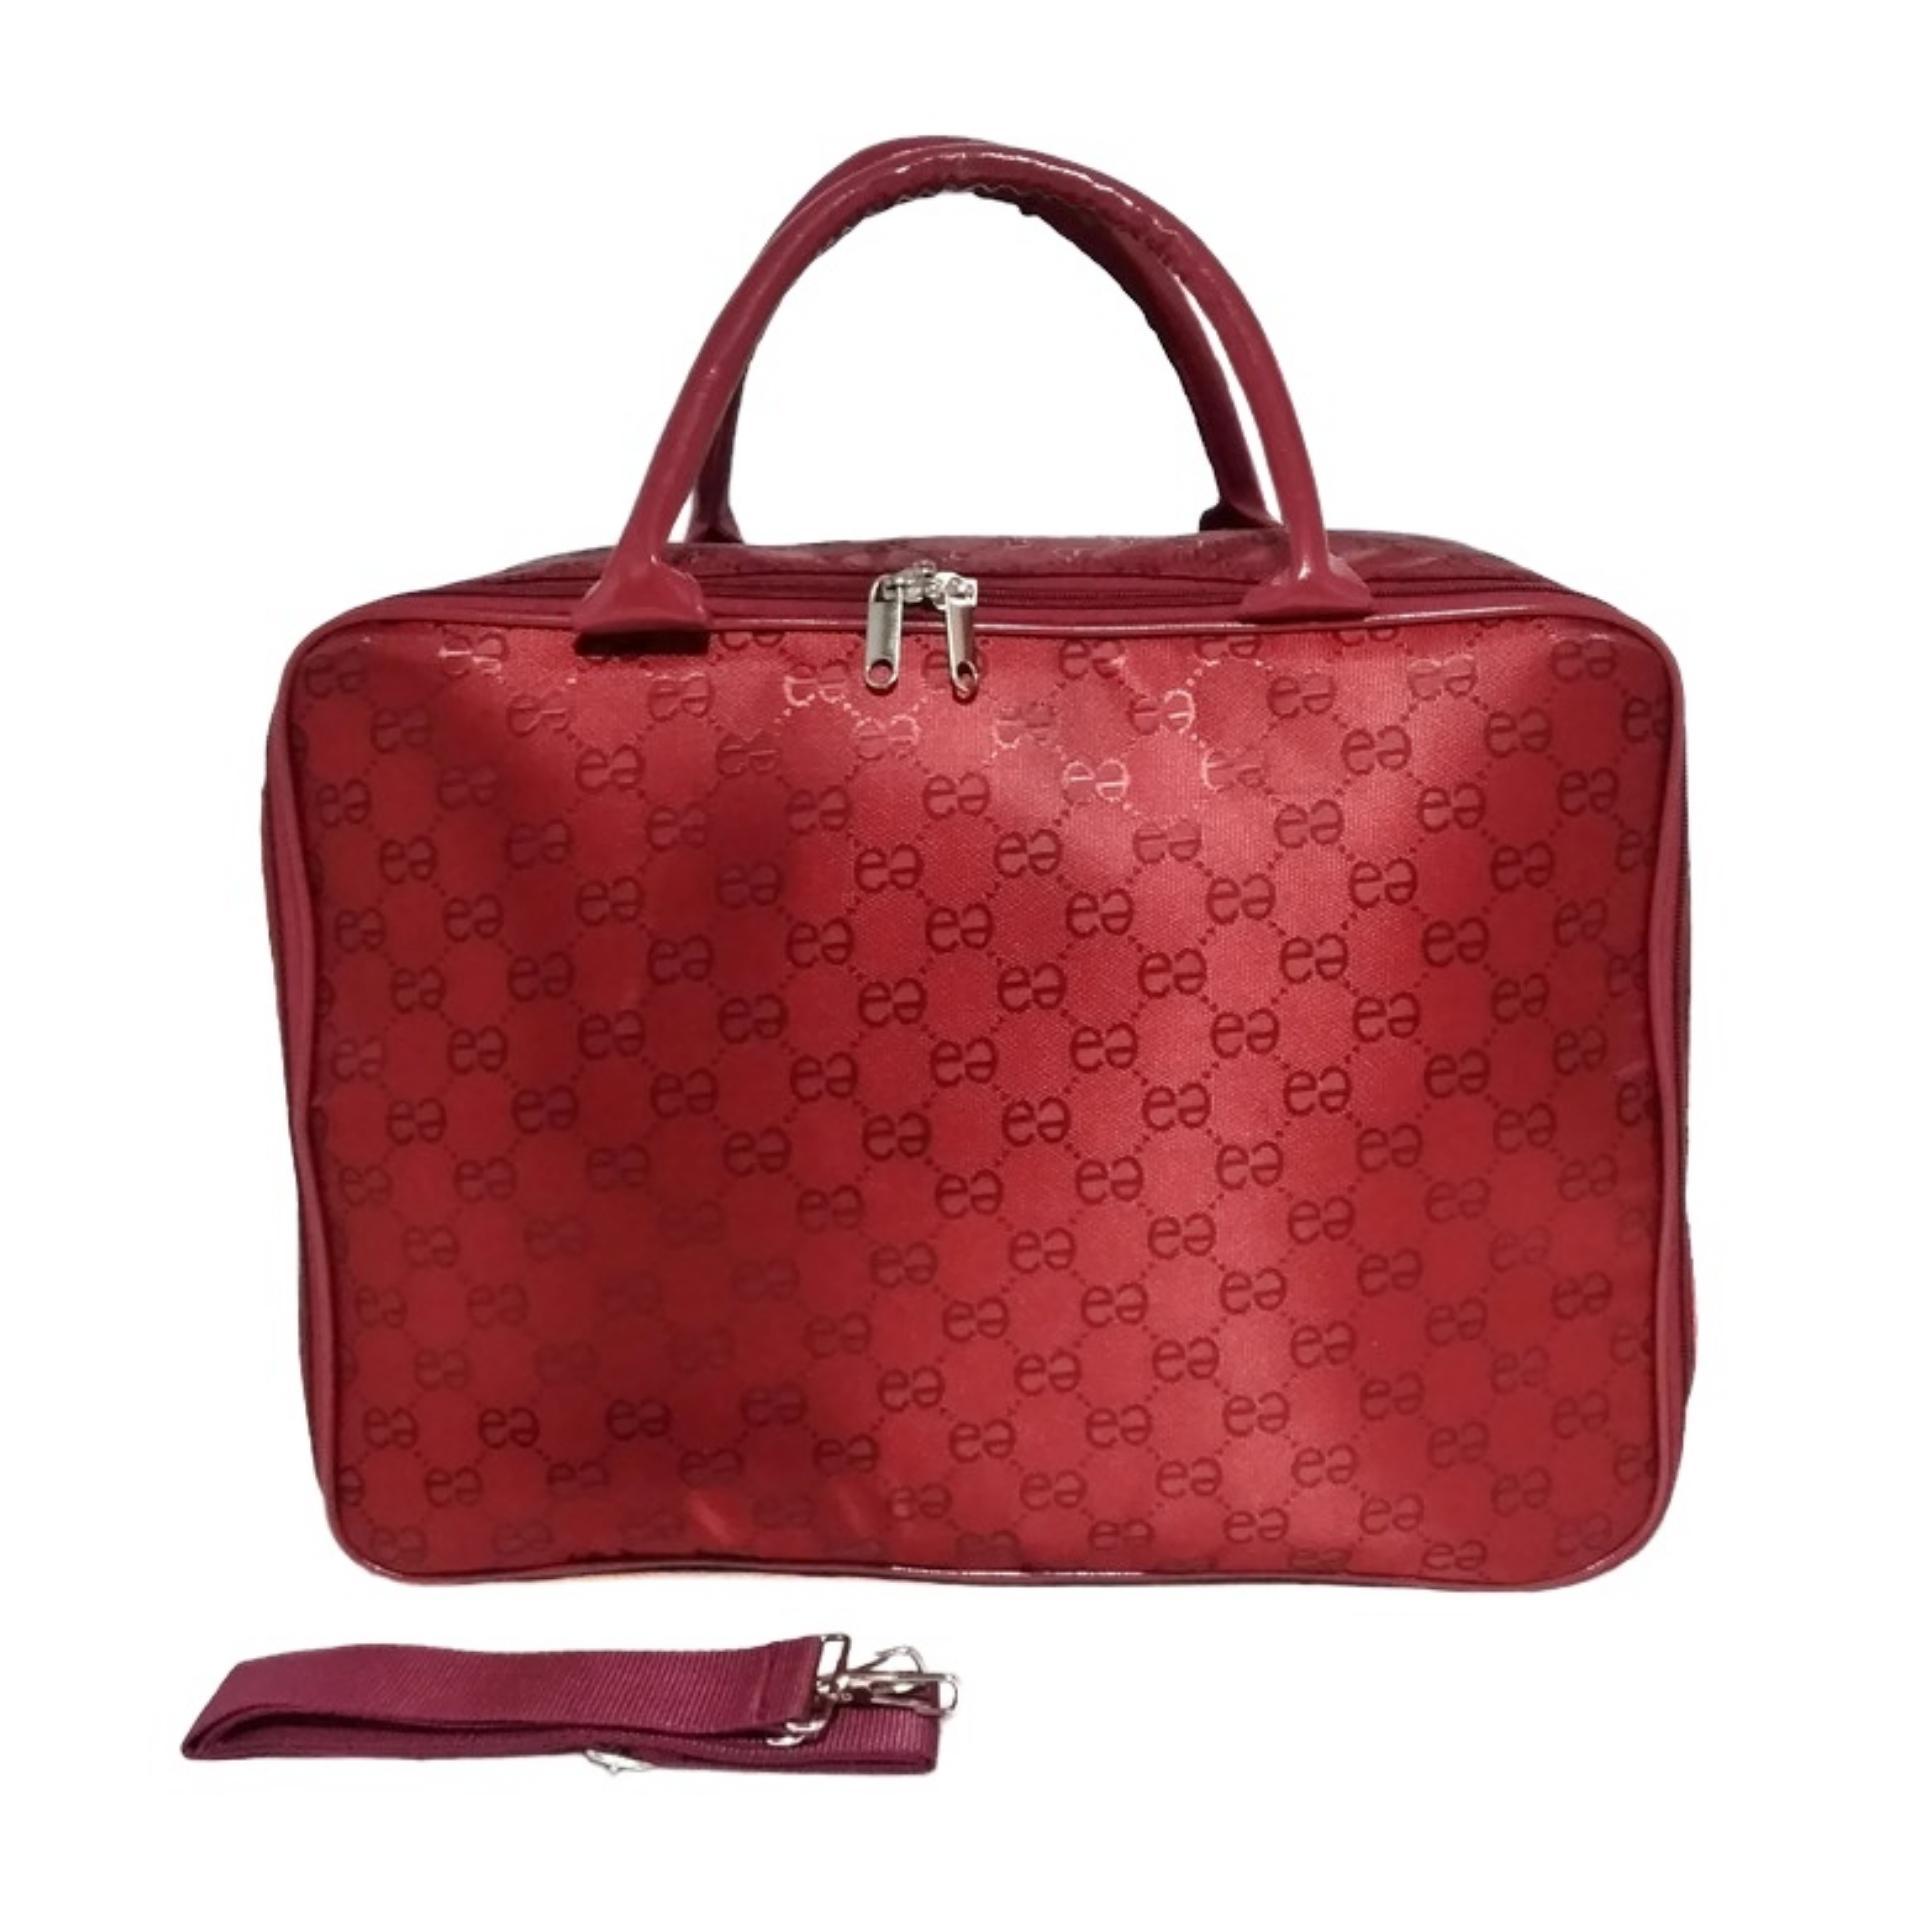 AMT Tas Koper Travel Bag Fashion Pria dan Wanita Bahan Emboss Premium - Red